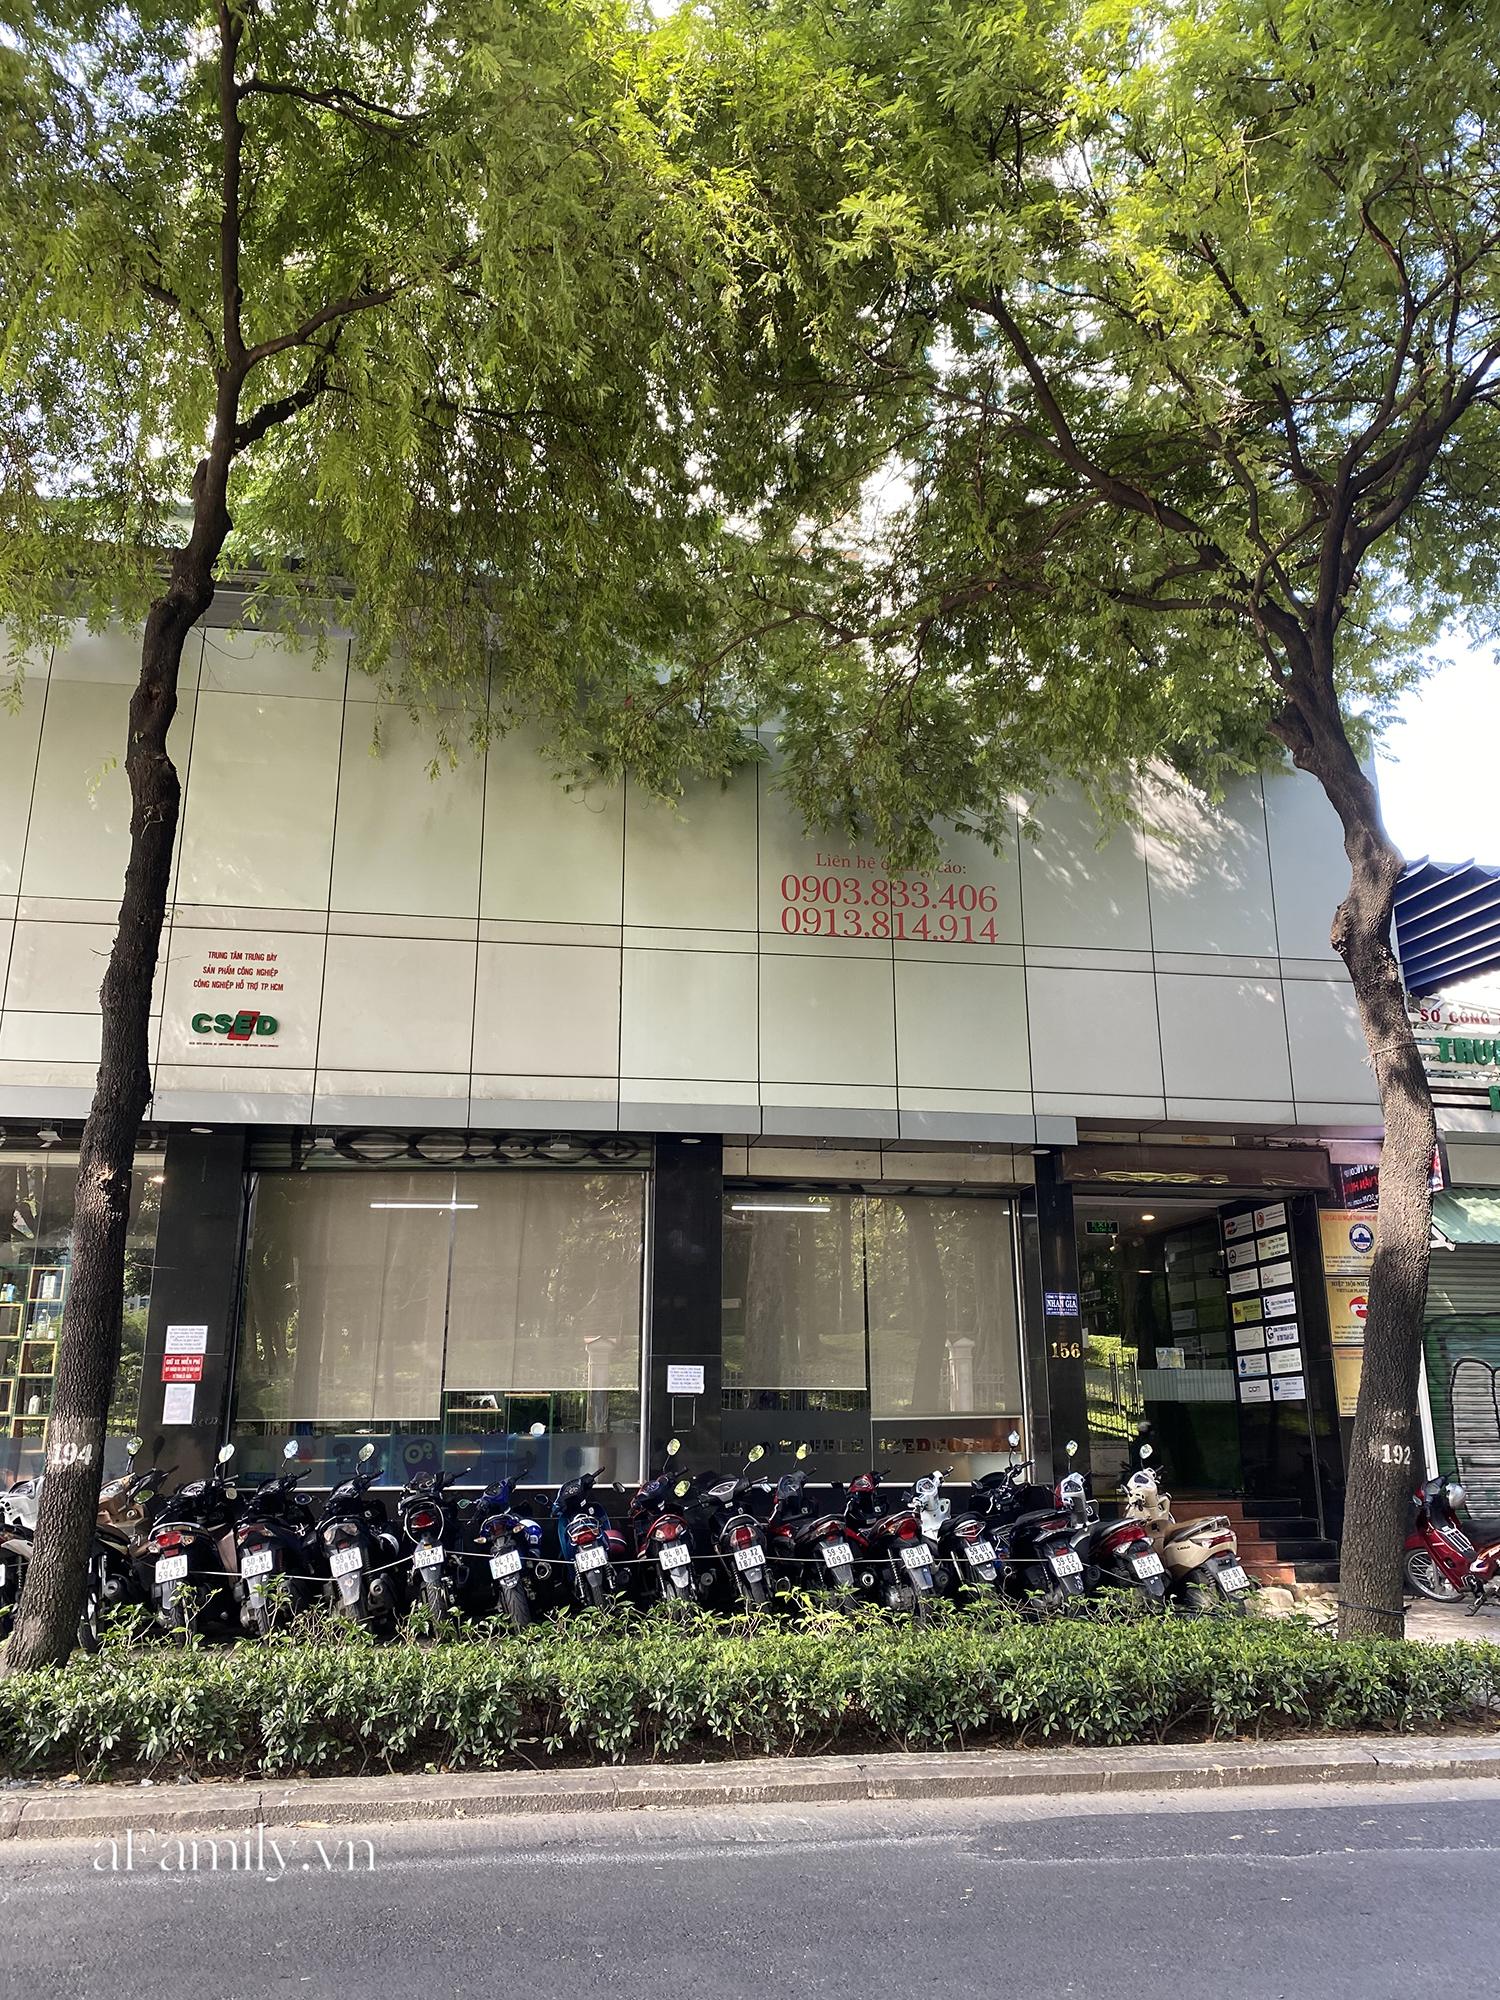 """Vừa thất bại đóng cửa quán cà phê đầu tiên tại trung tâm quận 1, chàng Bắp - Ngô Kiến Huy lại mở quán mới chỉ sau 1 năm nhưng lần này thật sự là """"choáng""""! - Ảnh 3."""